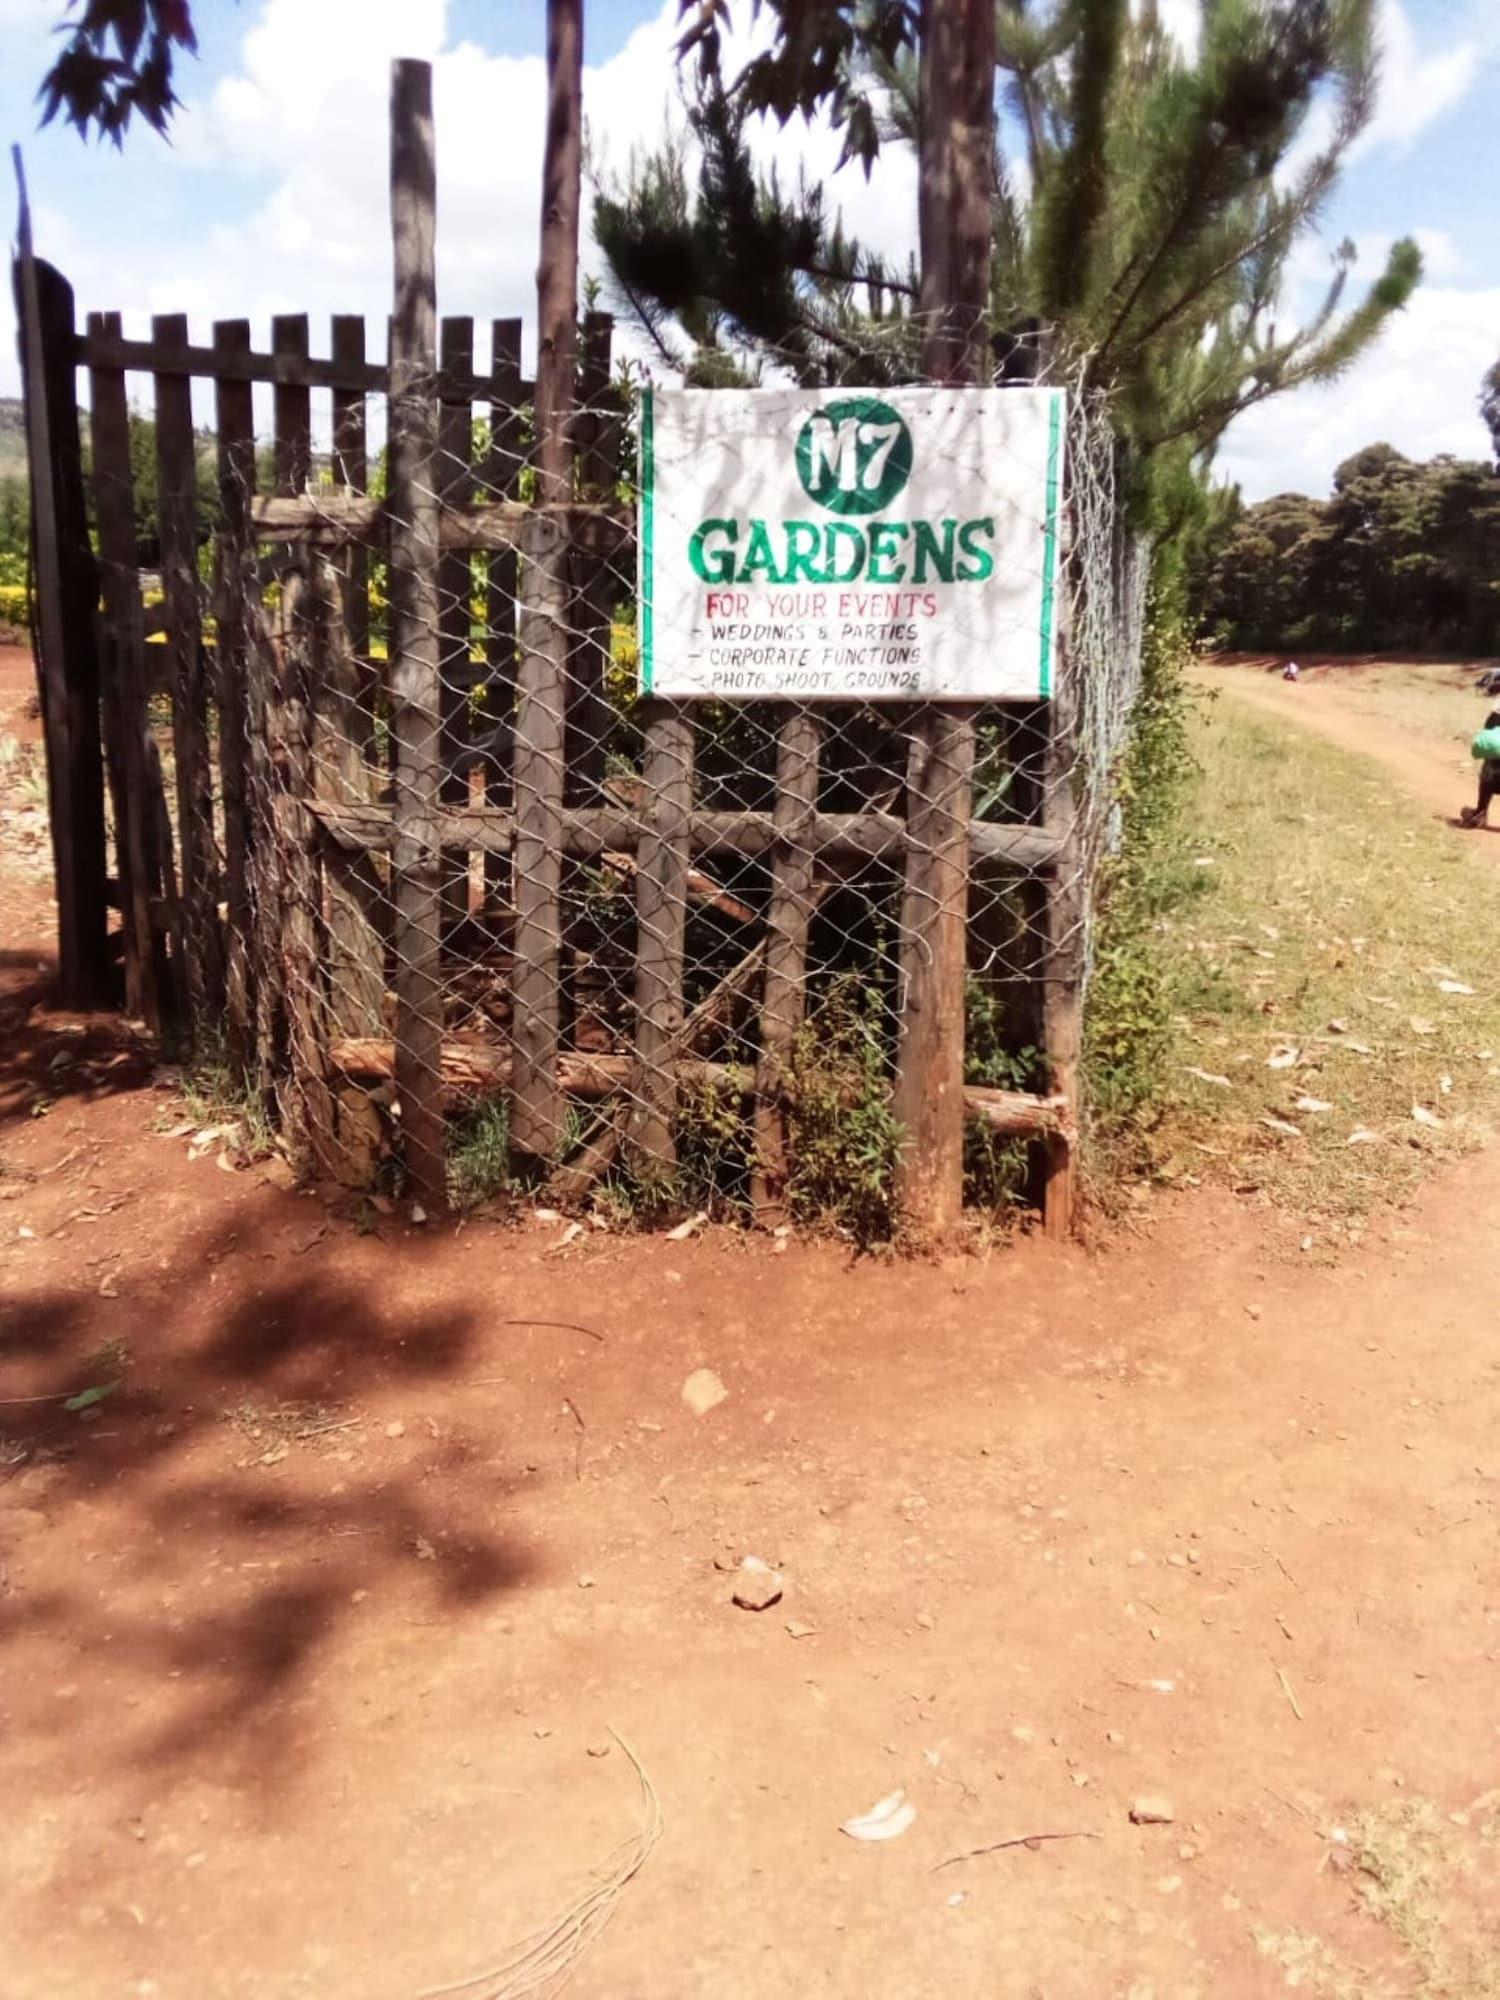 Mseven Gardens M7, Laikipia West